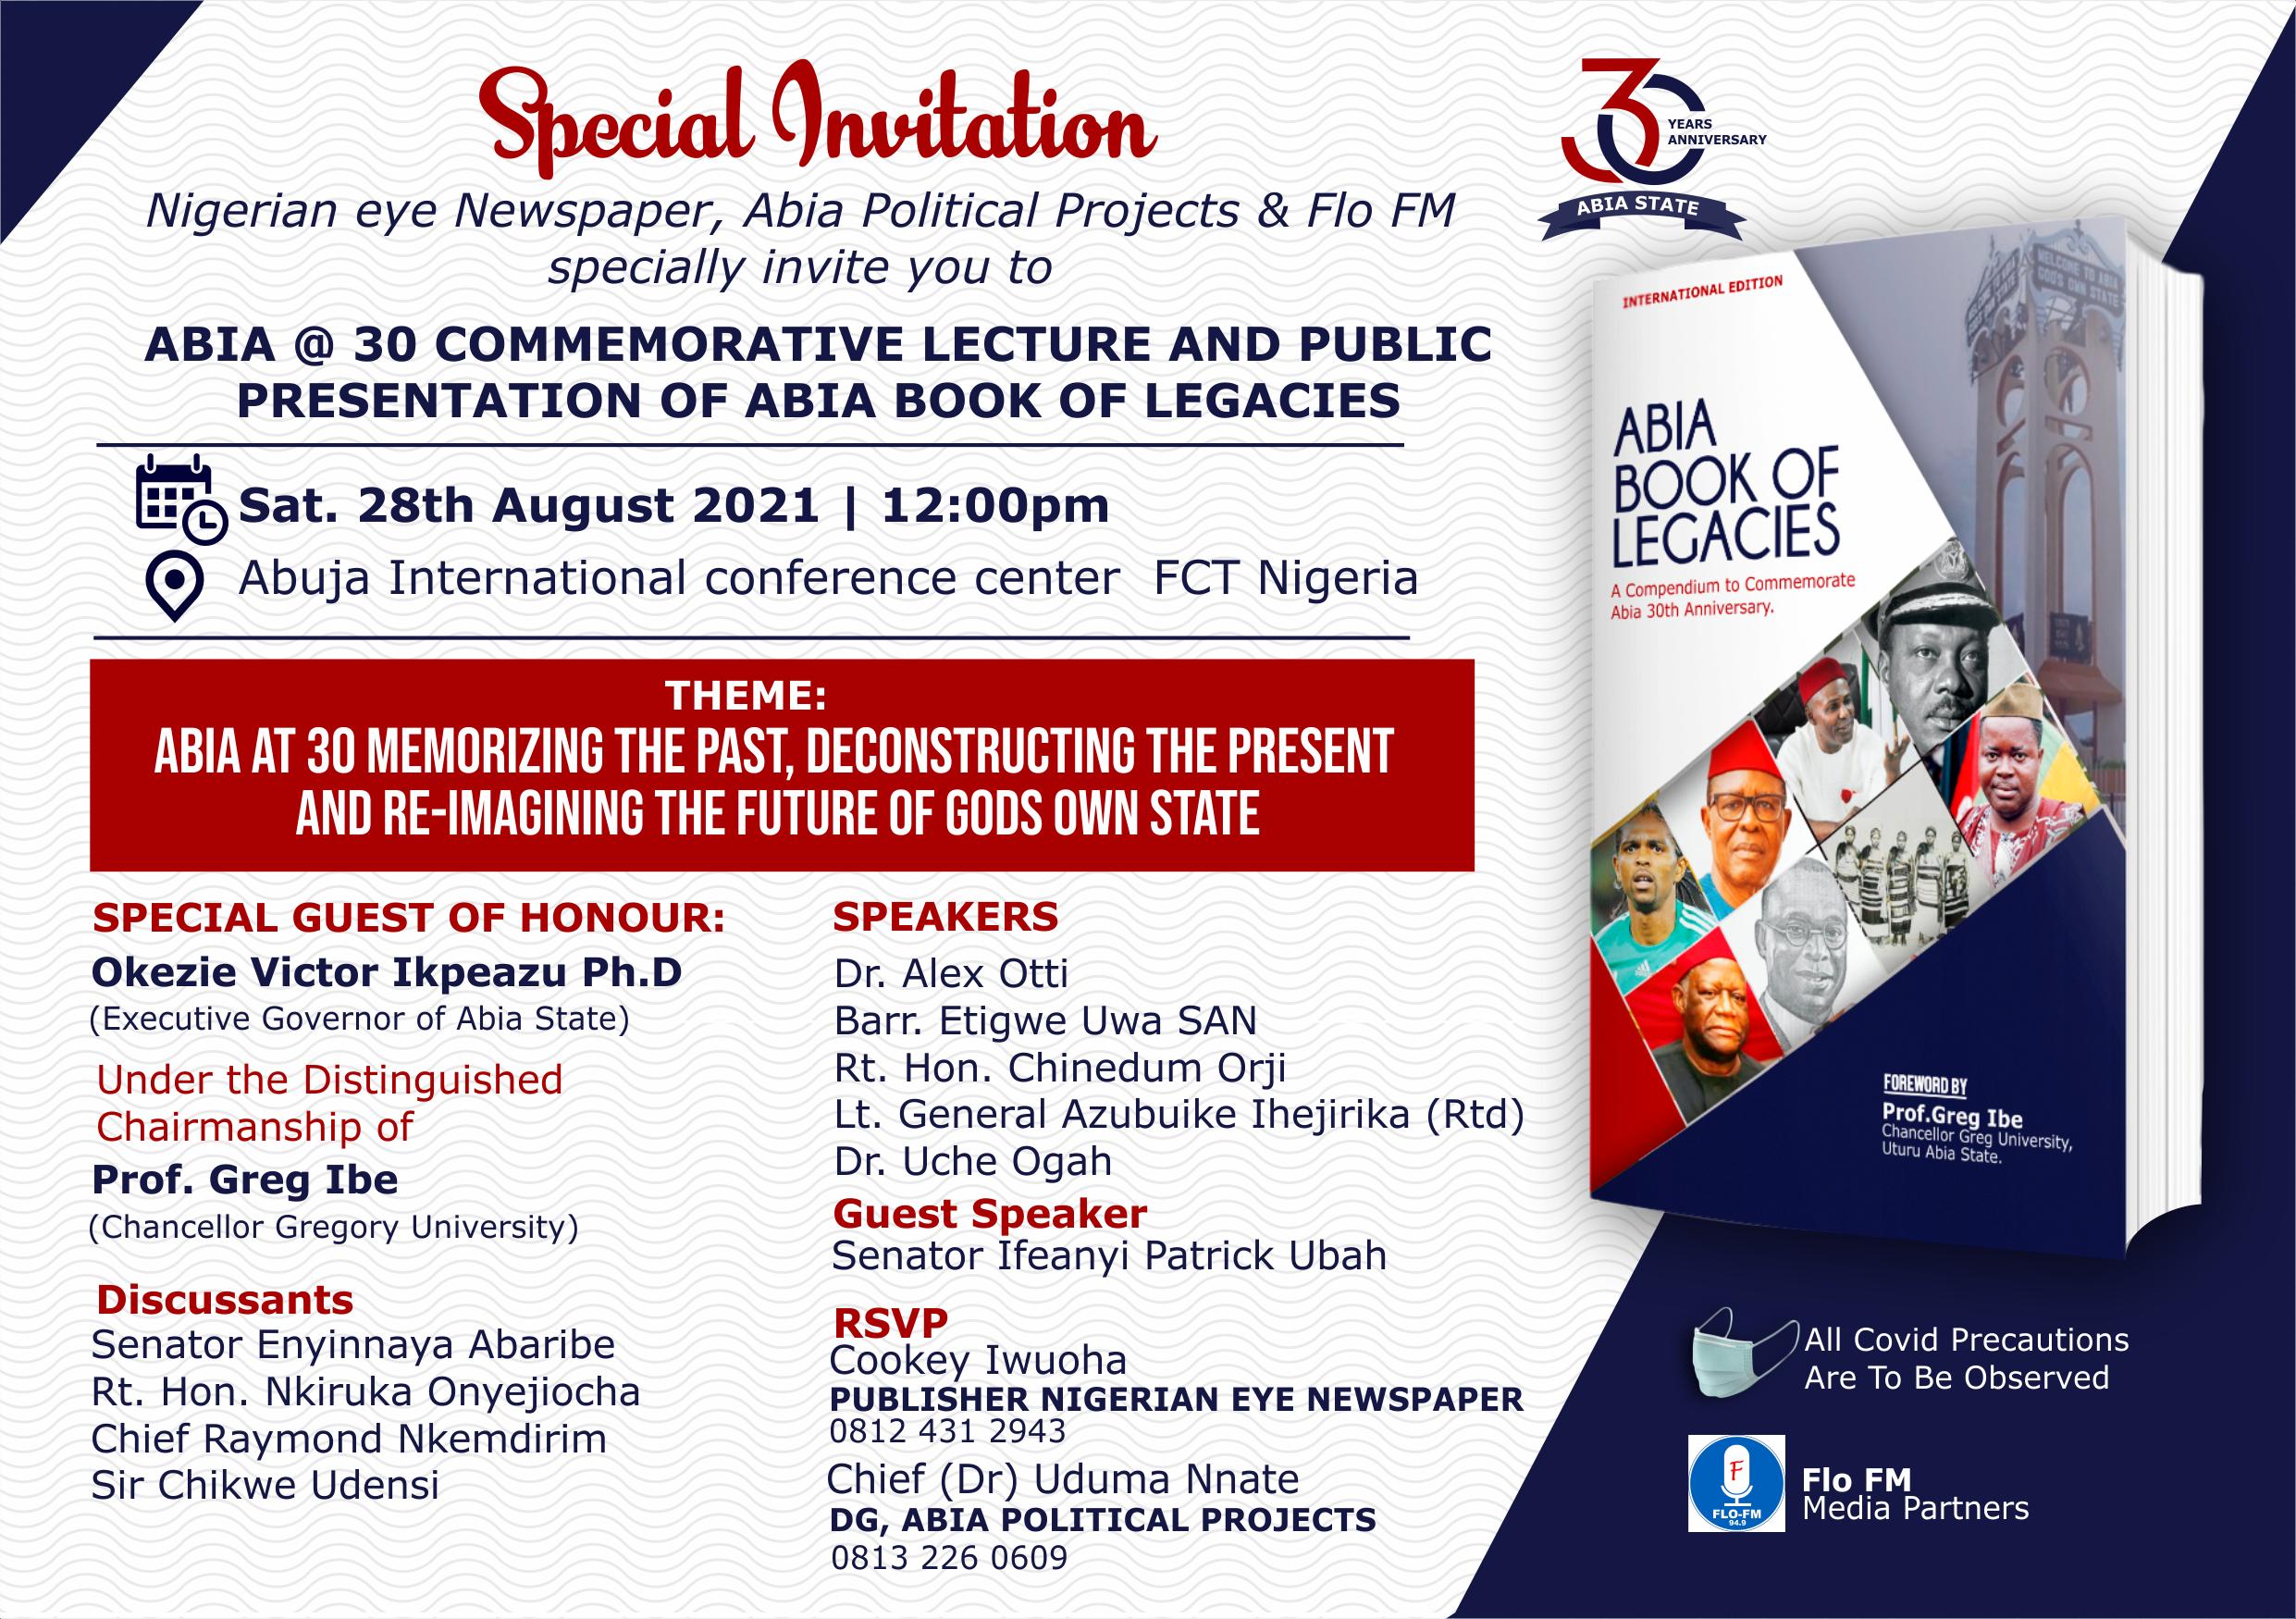 www.nigerianeyenewspaper.com-ABIA-@-30-Commemorative-Lecture-Abuja-Invitation